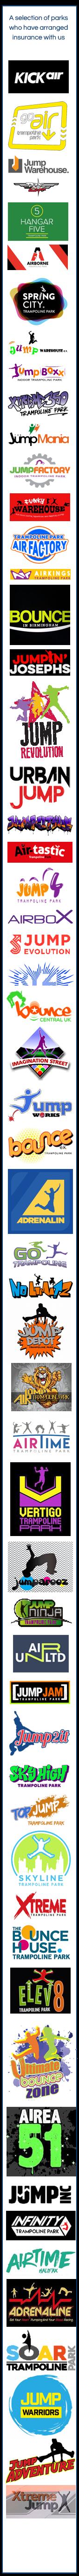 trampoline park insurance UK GG